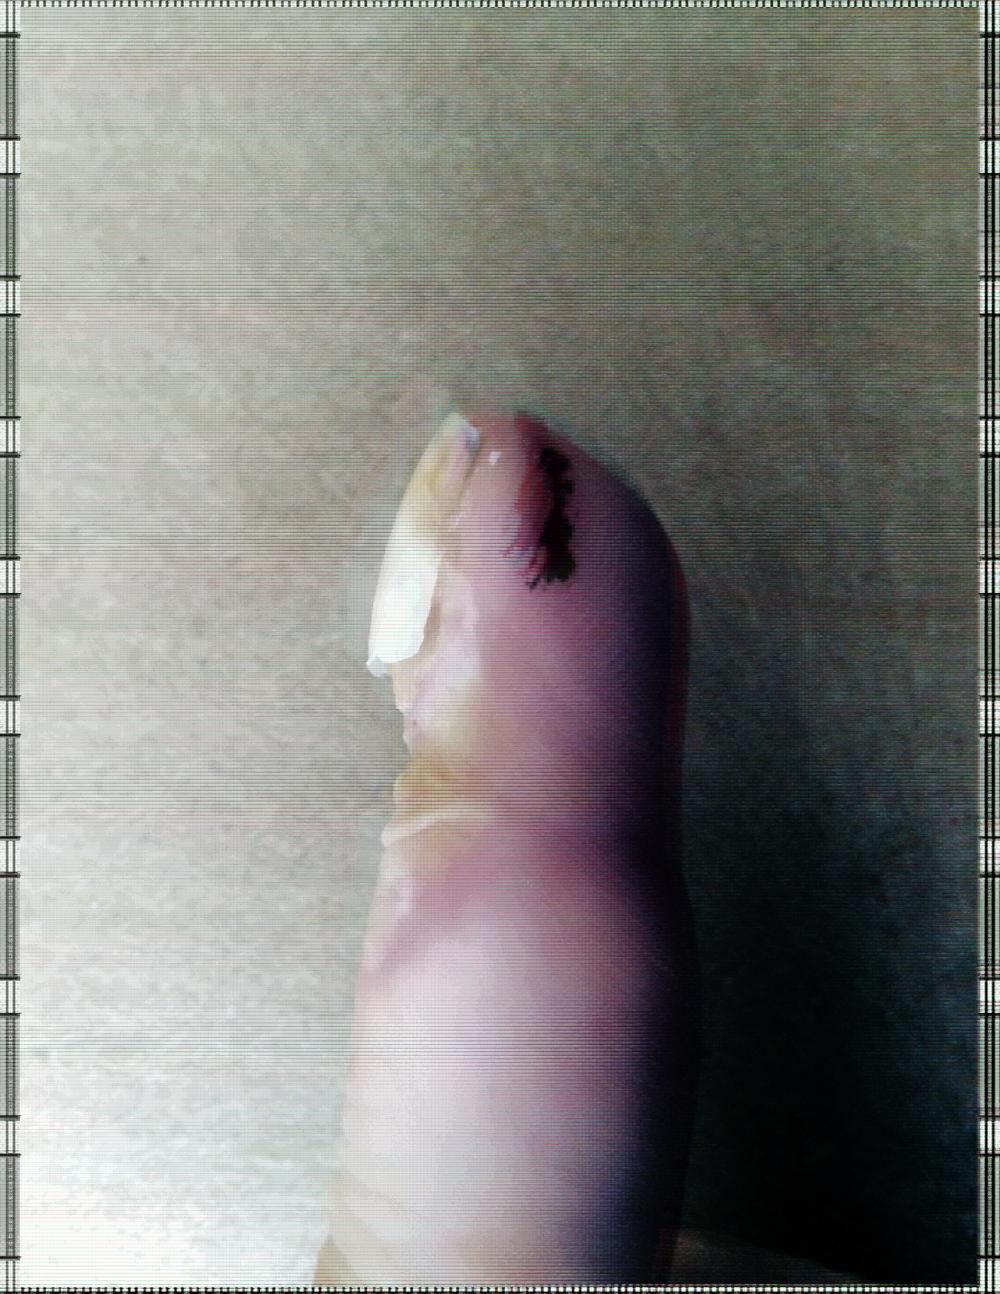 finger4.jpg